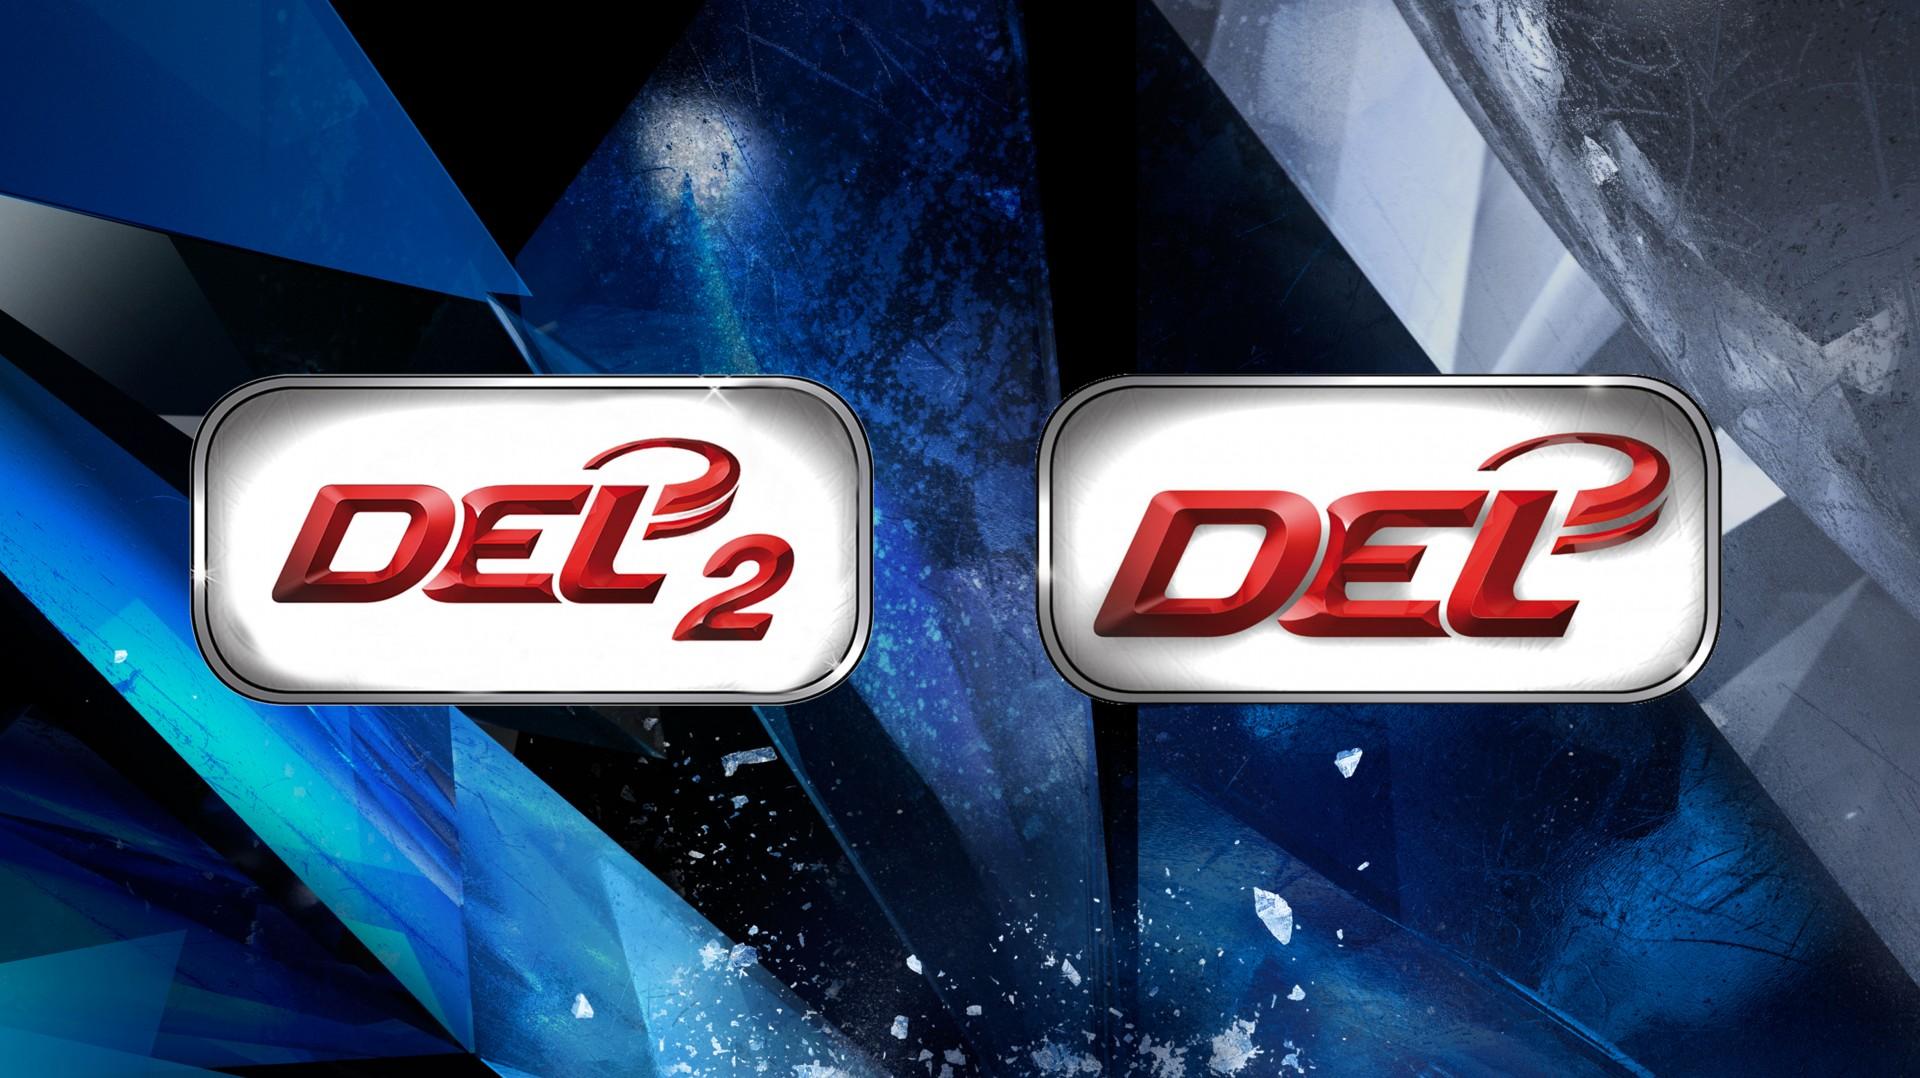 Del2 News